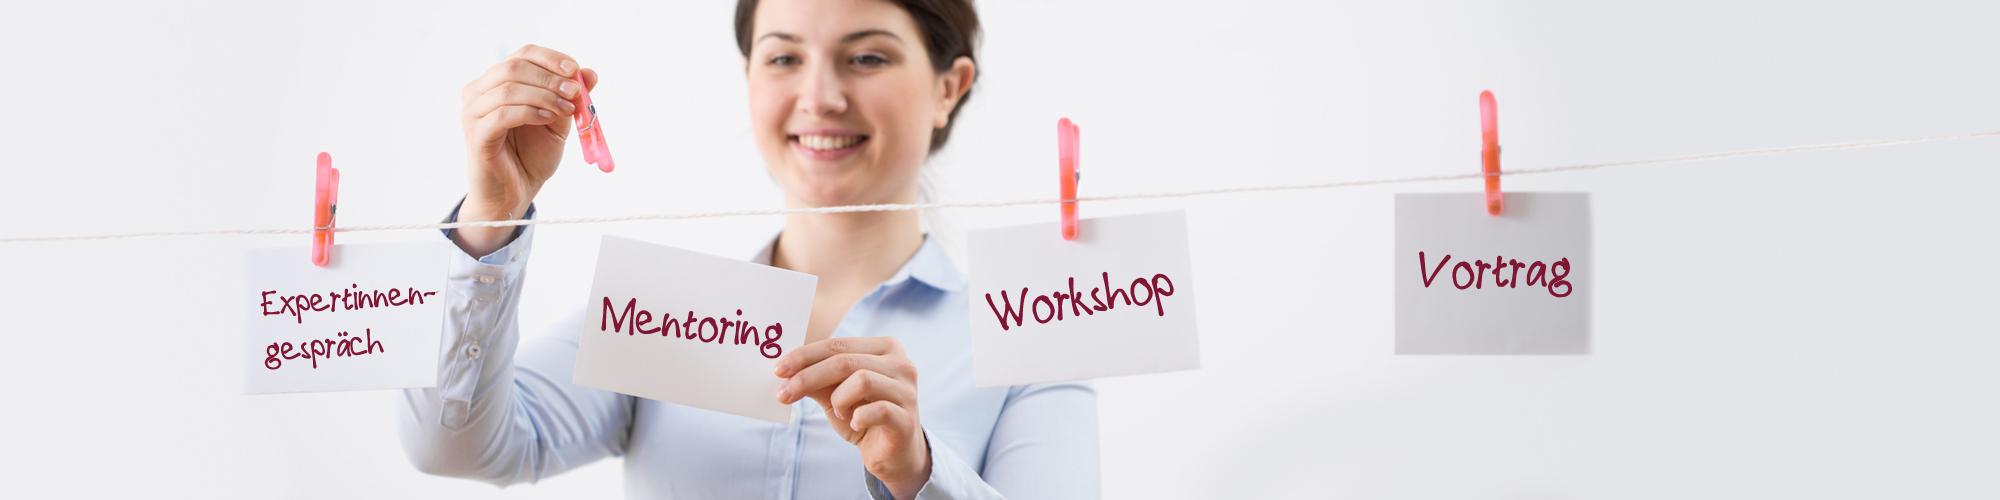 Mentoring, Gespräche, Workshops, Vorträge: Das Angebot von MOVE